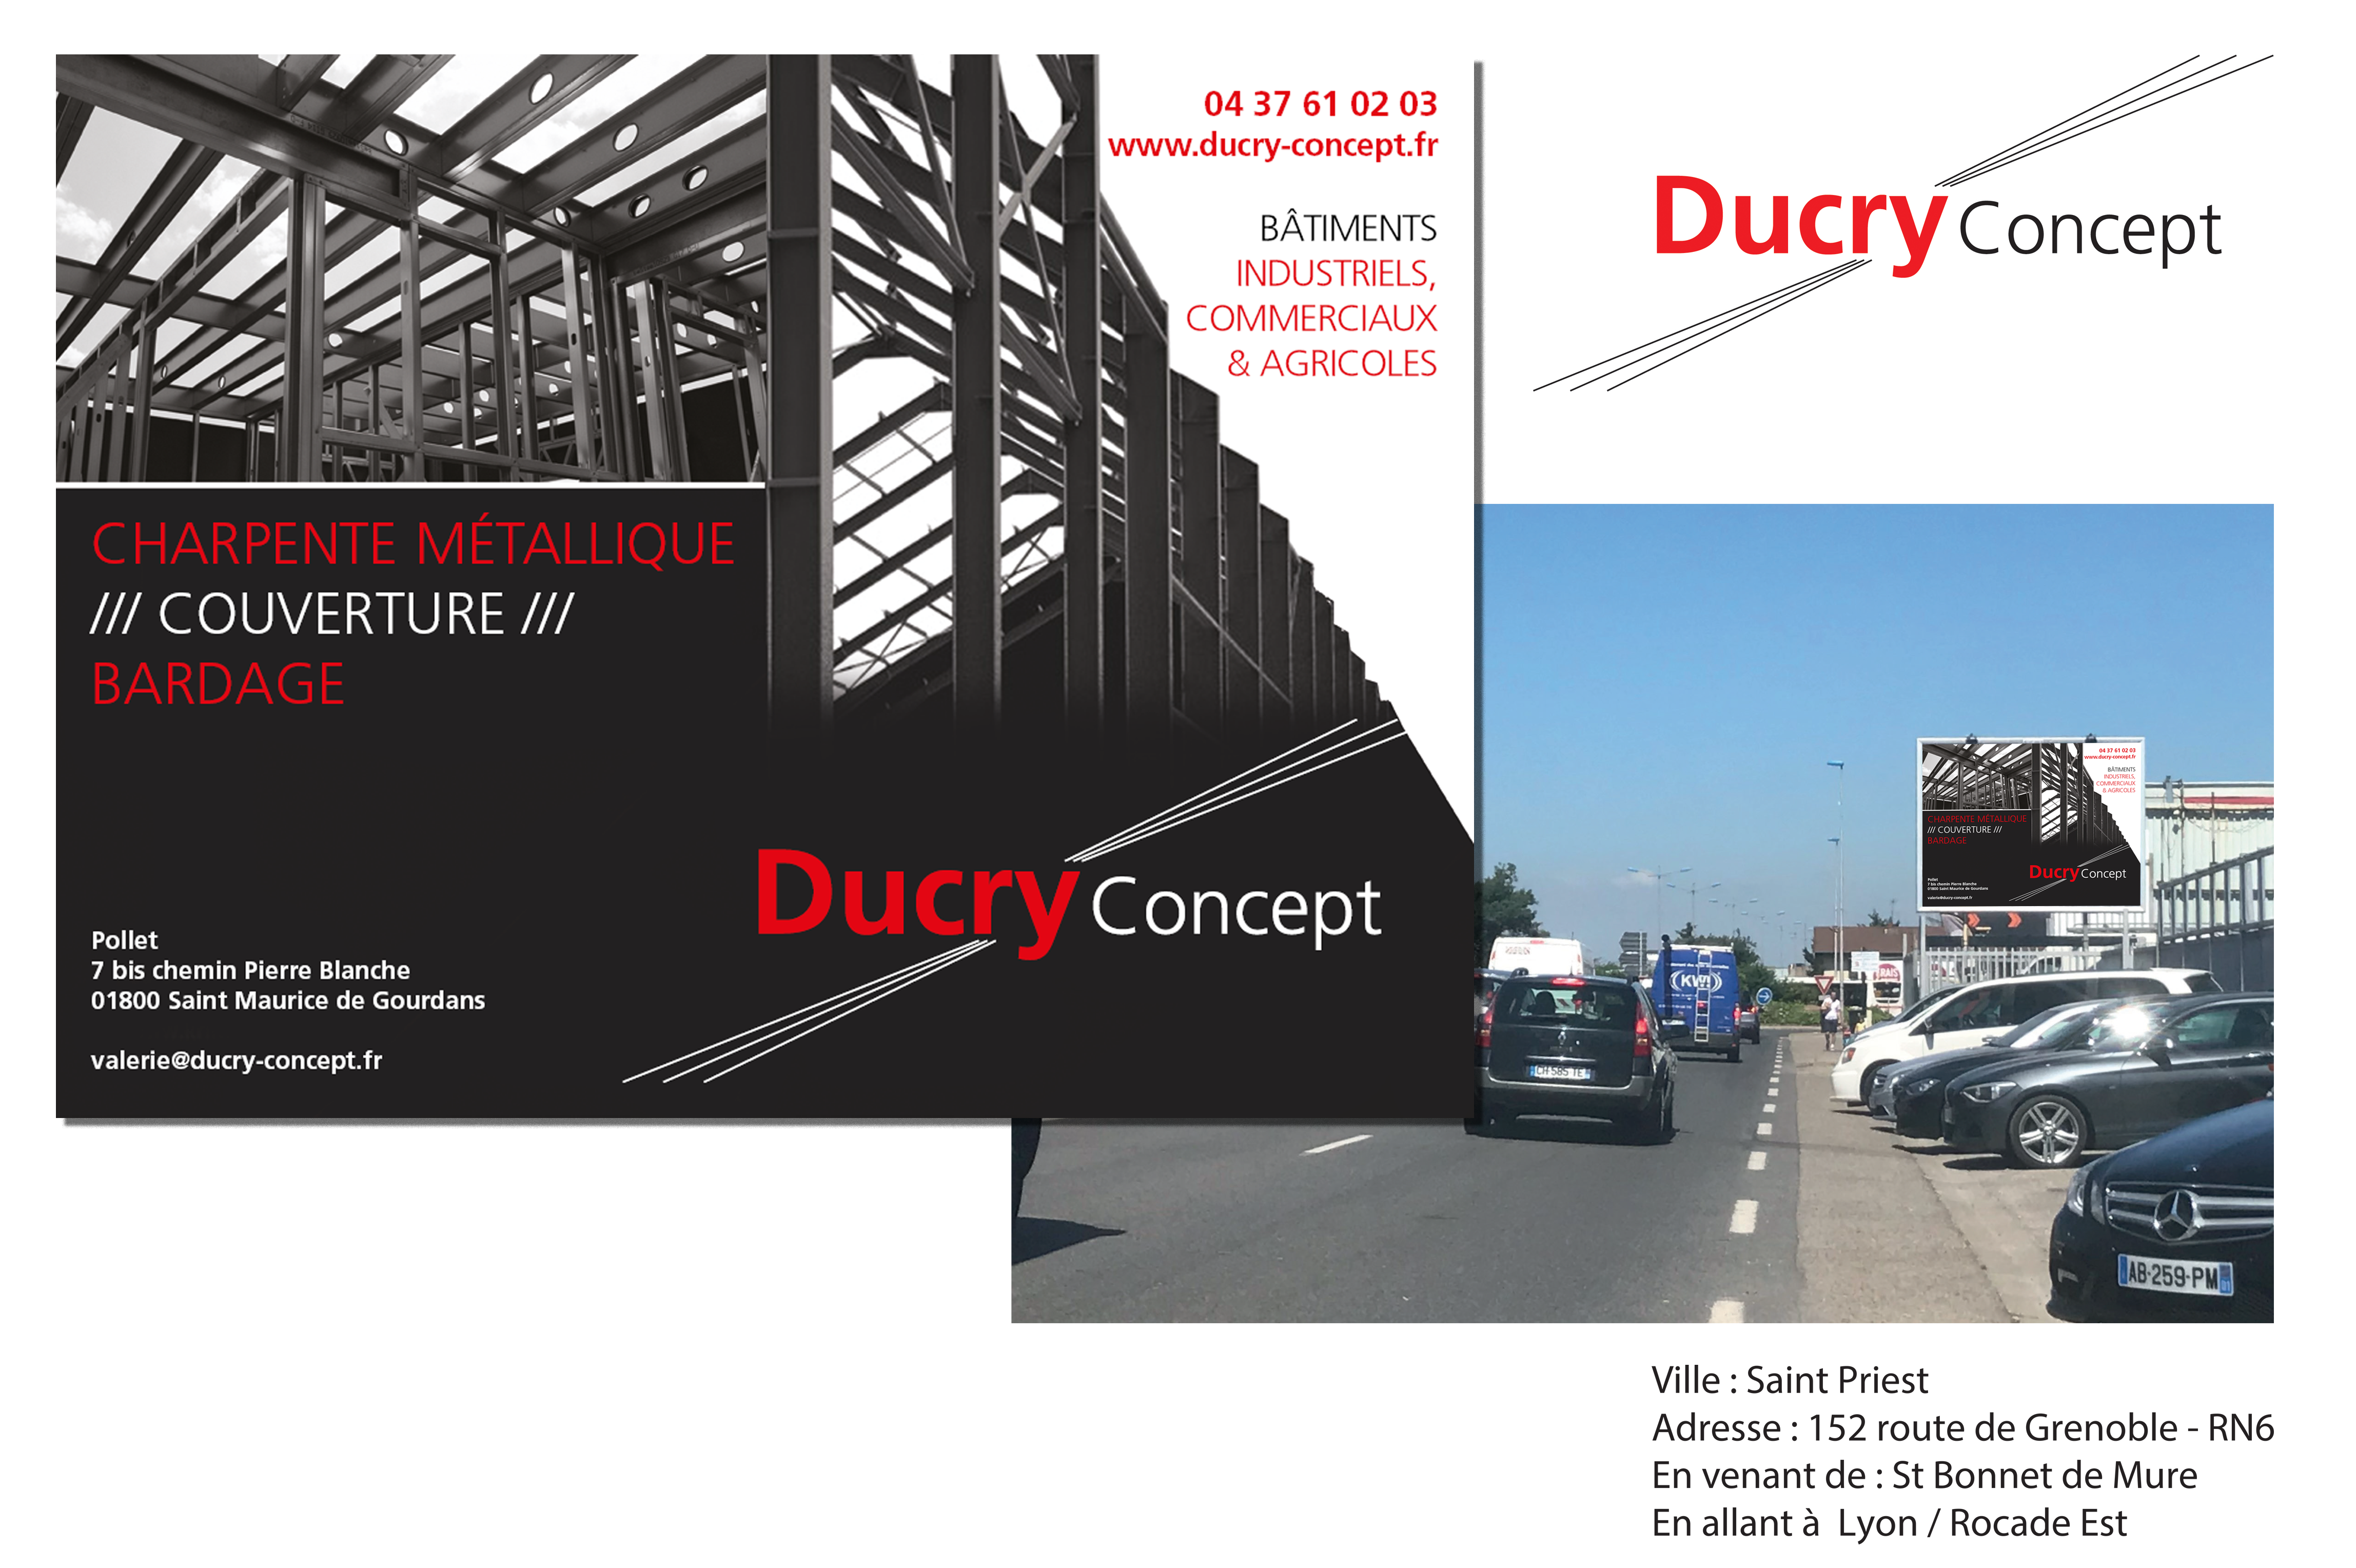 Affiche Ducry Concept 12m²